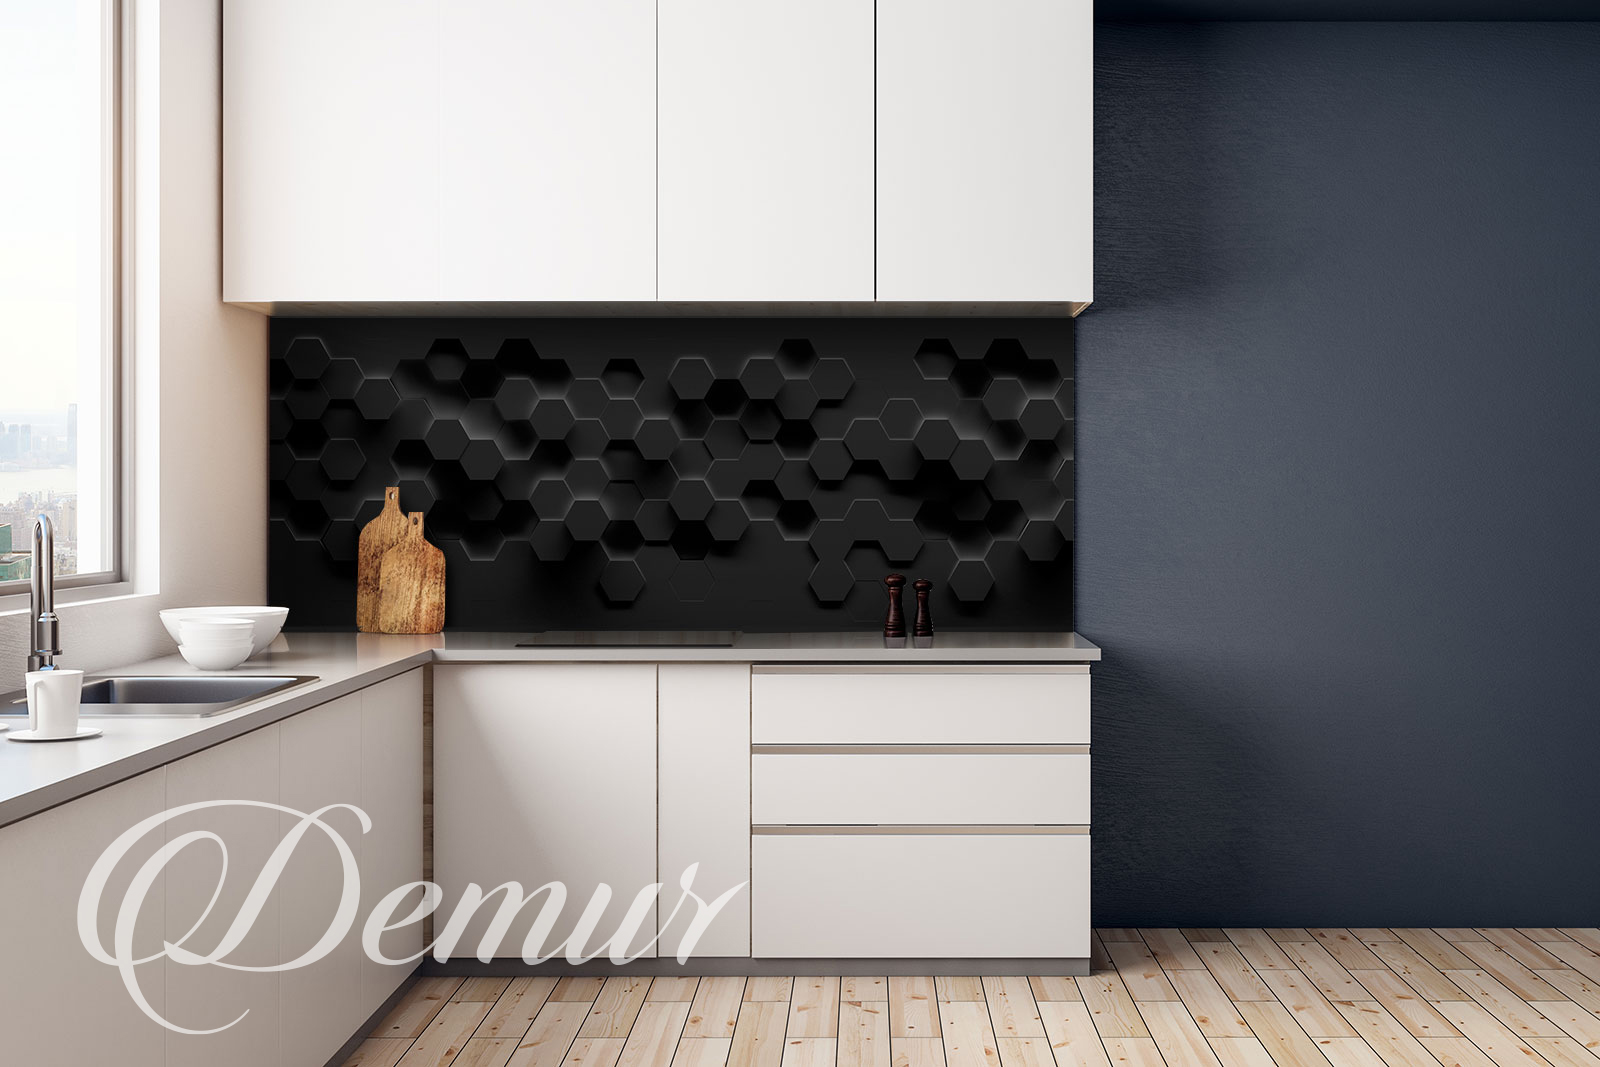 Fototapeta 3D czarna - Fototapety do kuchni pod szafki - Demur